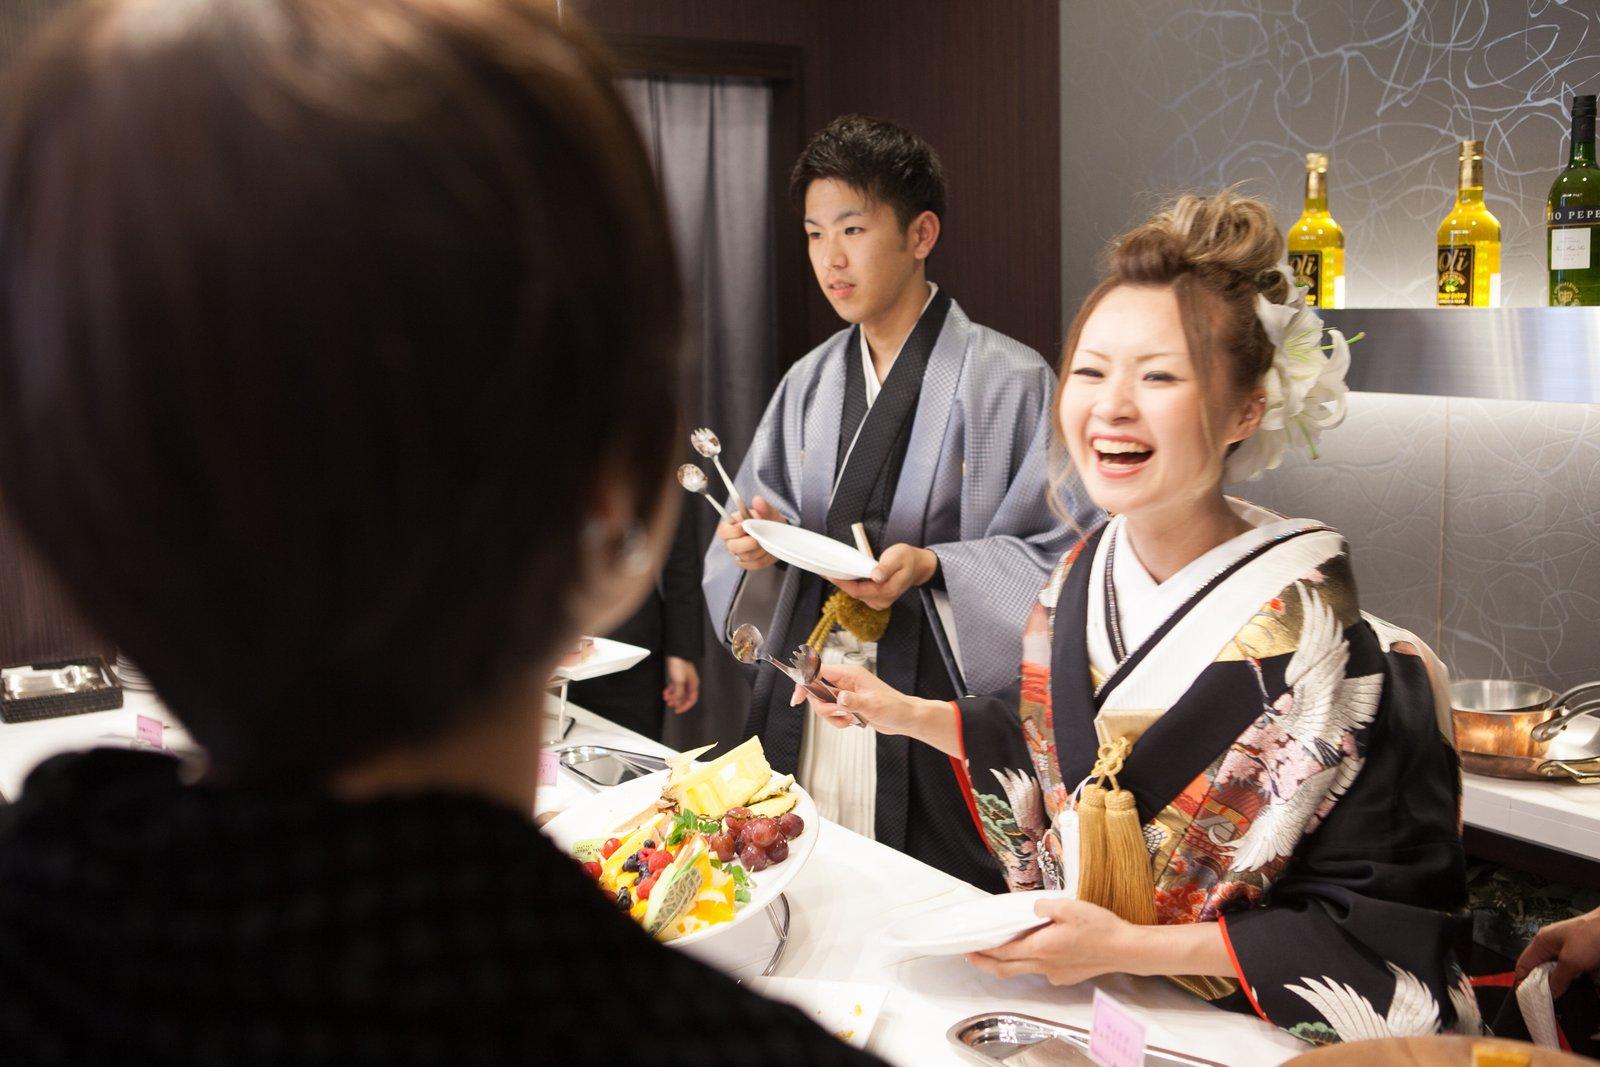 徳島市の結婚式場ブランアンジュで笑顔いっぱいでデザートビュッフェを新郎新婦様からゲストへ